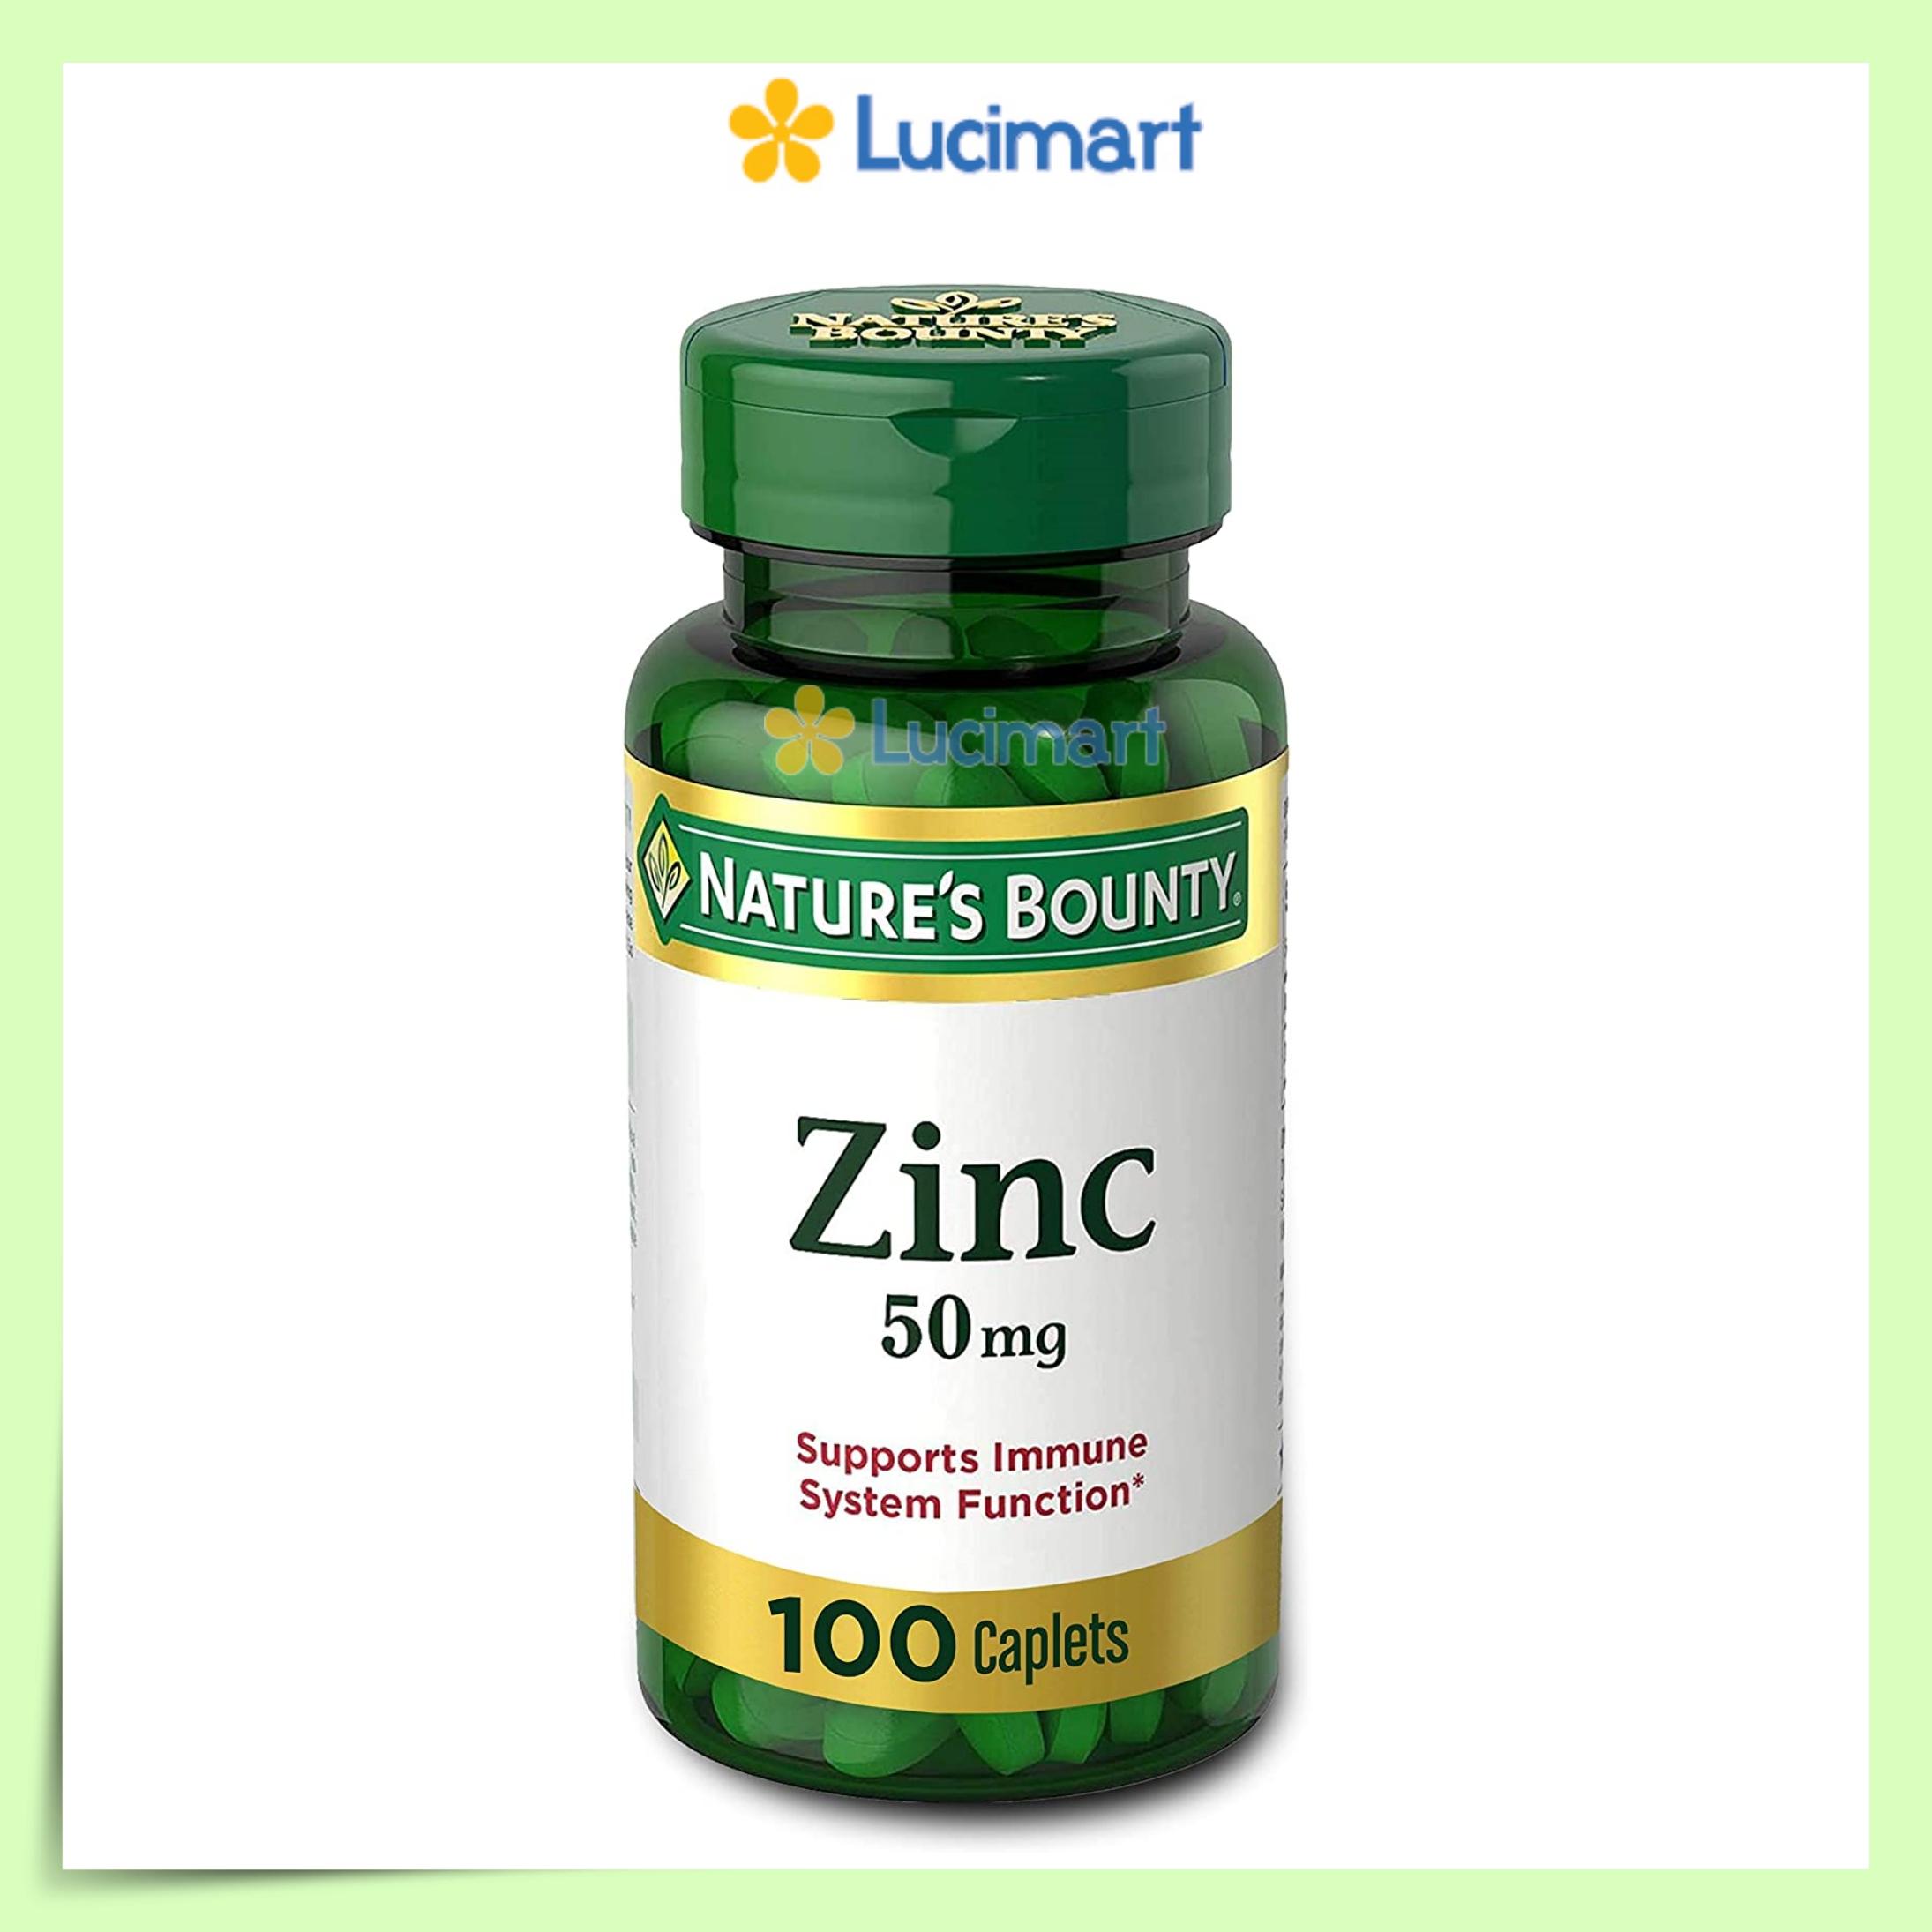 Viên uống Zinc 50mg Nature's Bounty bổ sung Kẽm, hũ 100 viên nén [Hàng Mỹ]